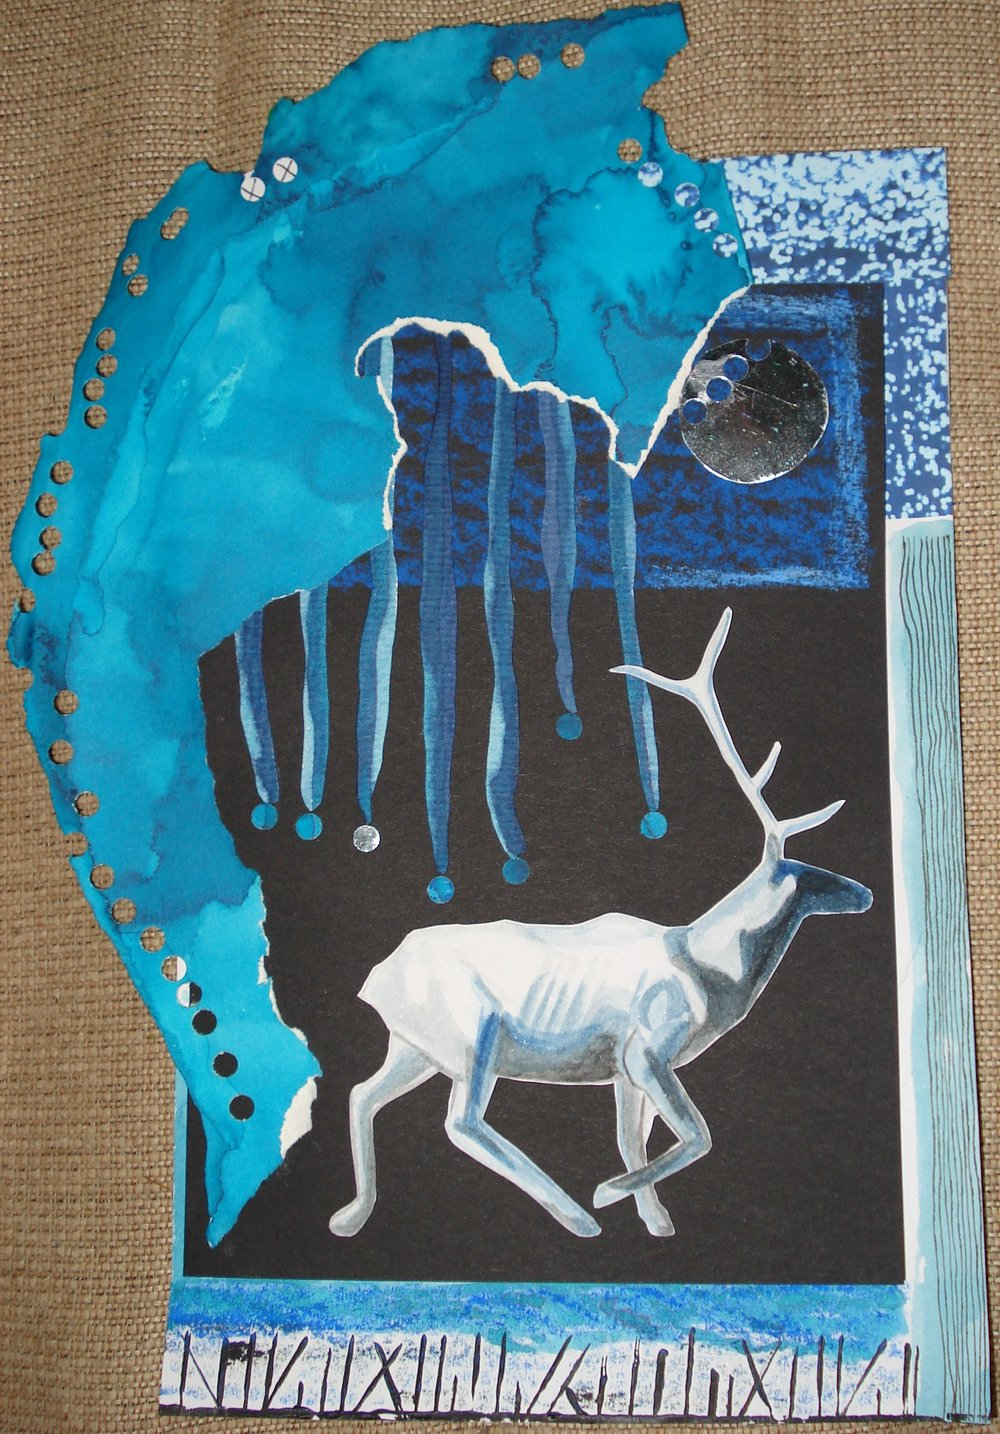 Fødselsdagskort til Birgit. Udført i fedtefarve og flydende akvarel.